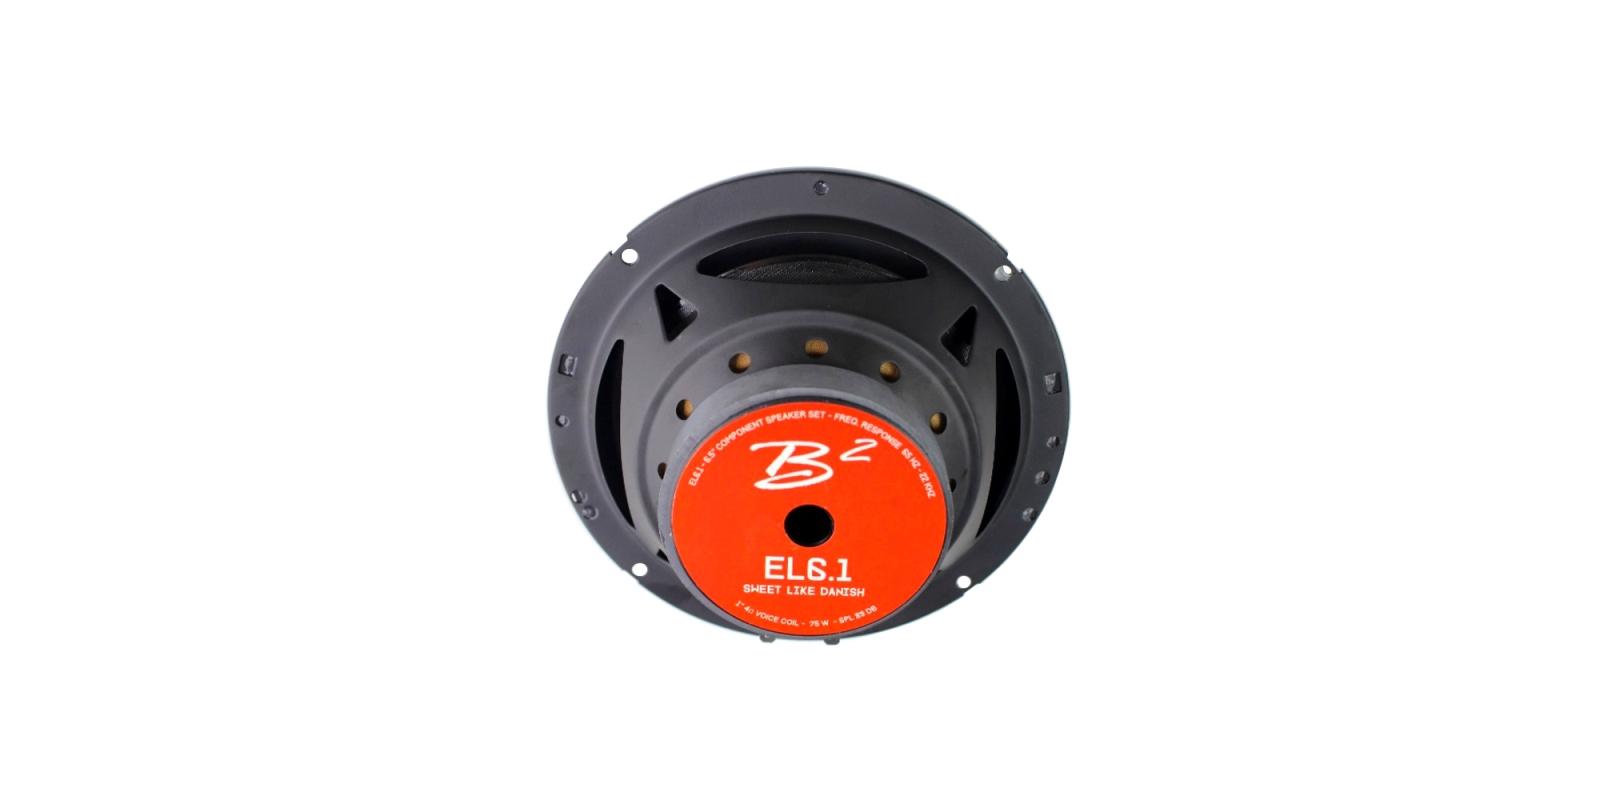 B2 EL61